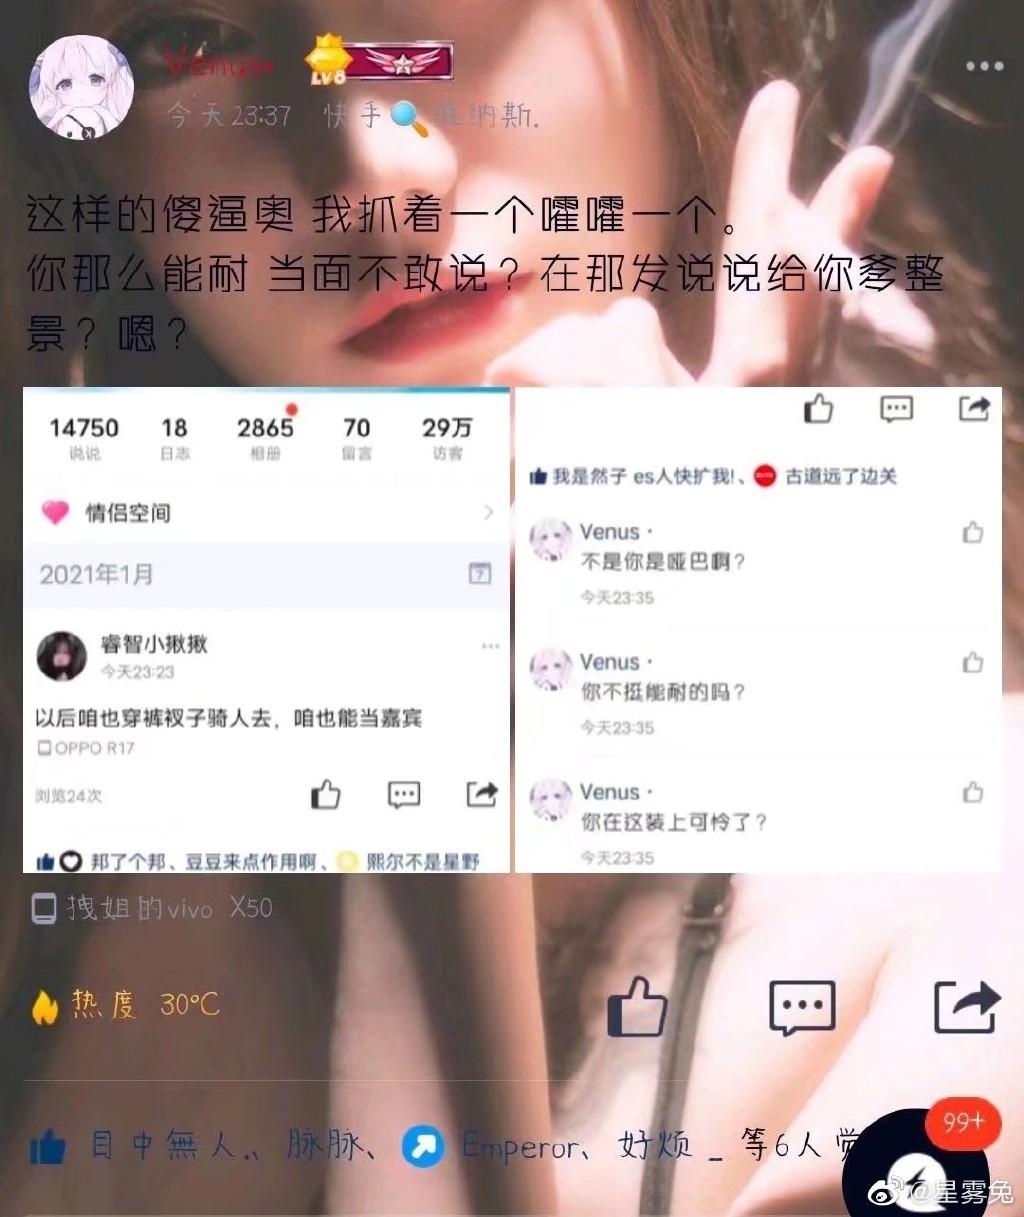 哈尔滨漫展不雅拍照,2021年第一场漫展就吃瓜 sihaiba.com 四海吧